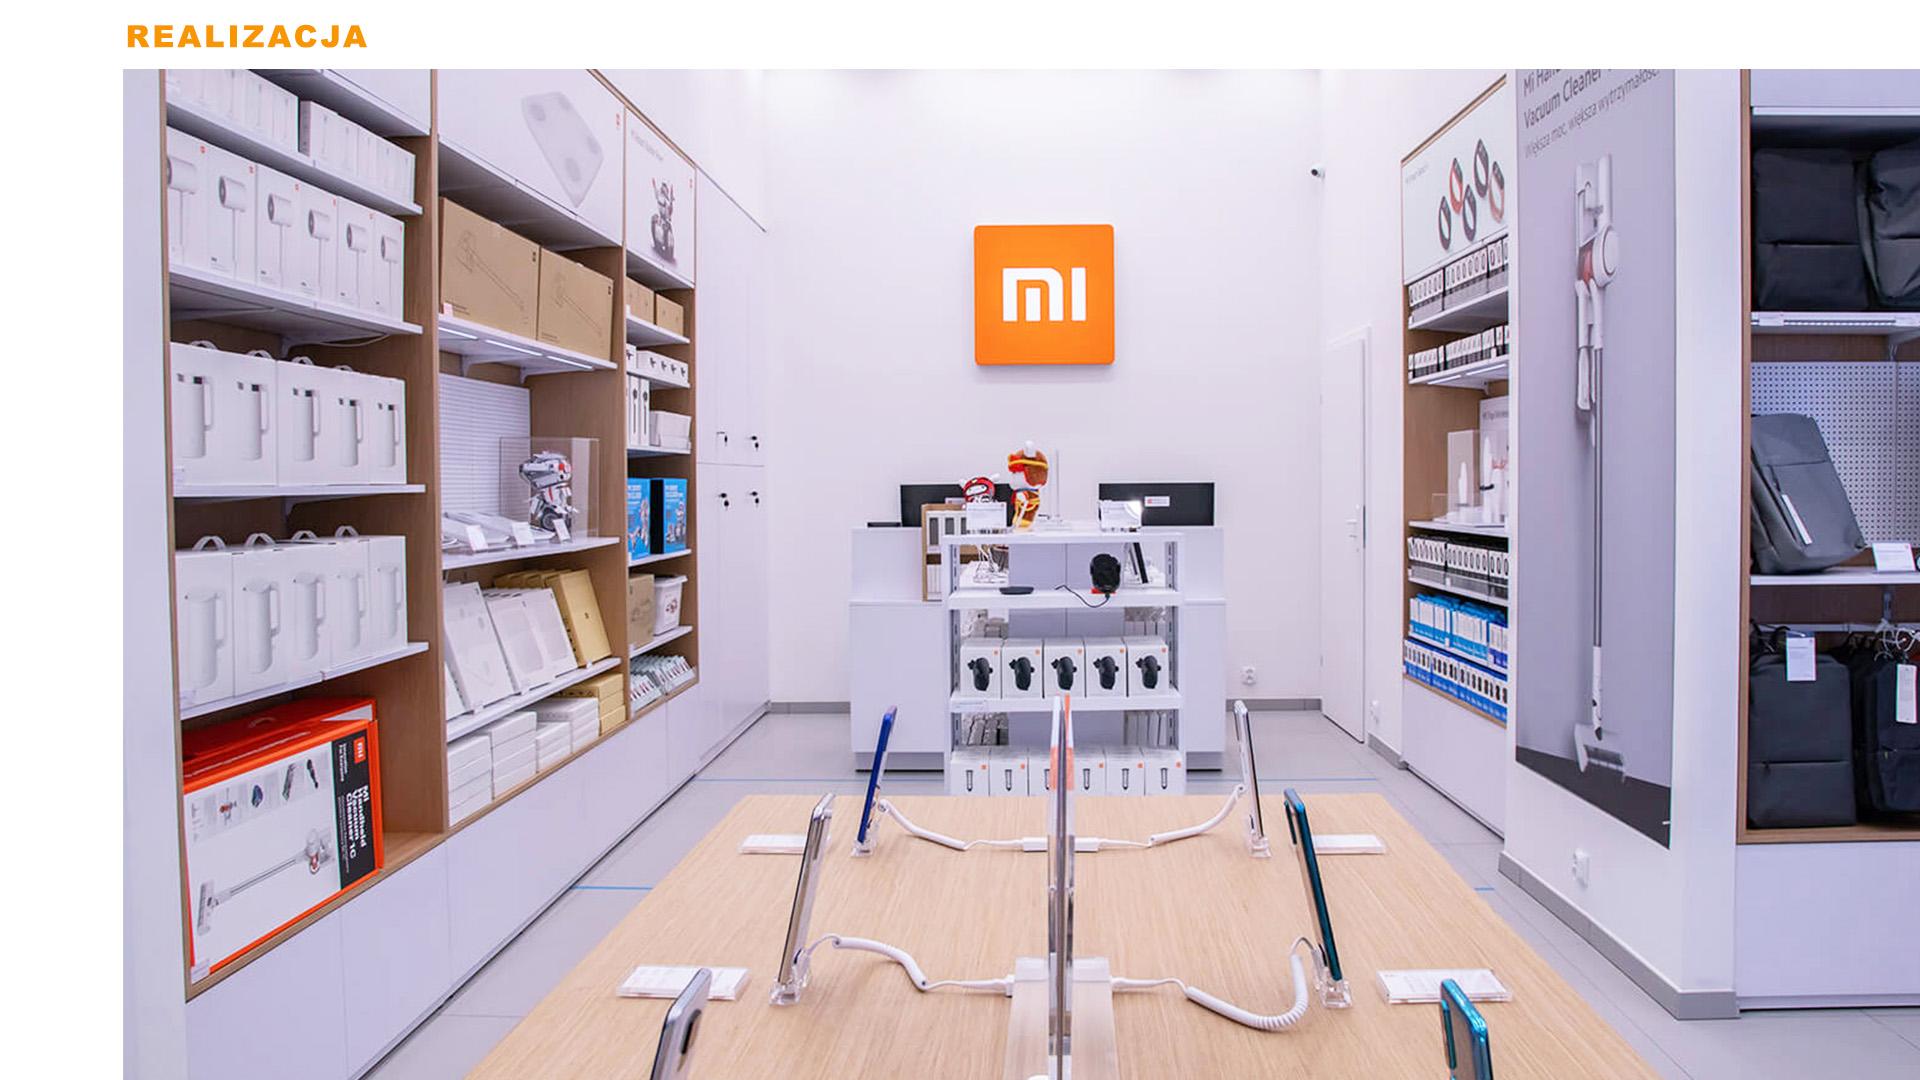 Mi-Store - Poznań - Centrum Avenida - realizacja